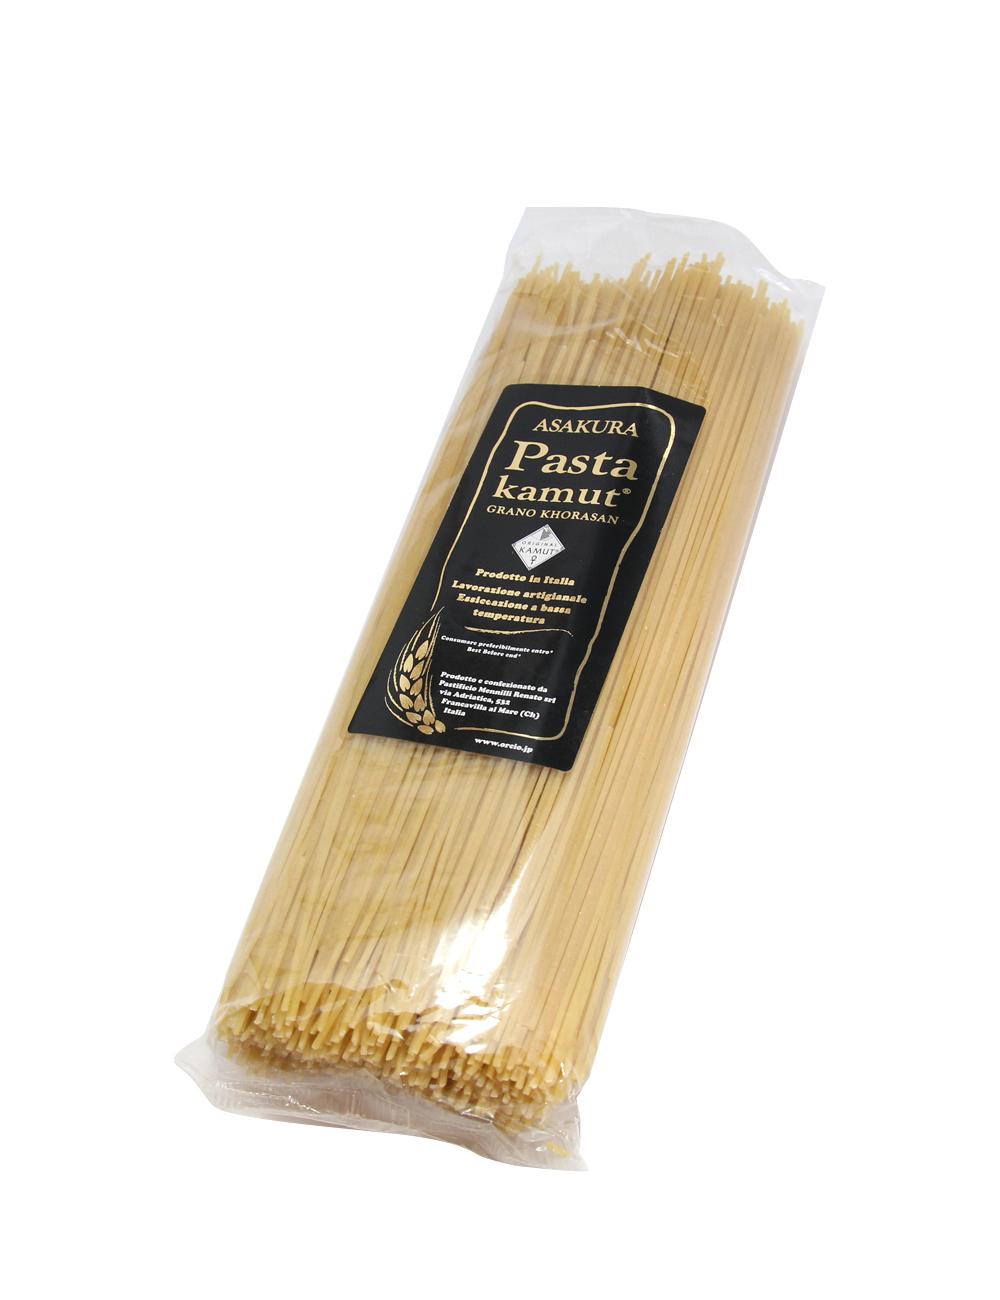 アサクラパスタ 古代小麦カムット(七分搗き)スパゲティーニ1.6mm